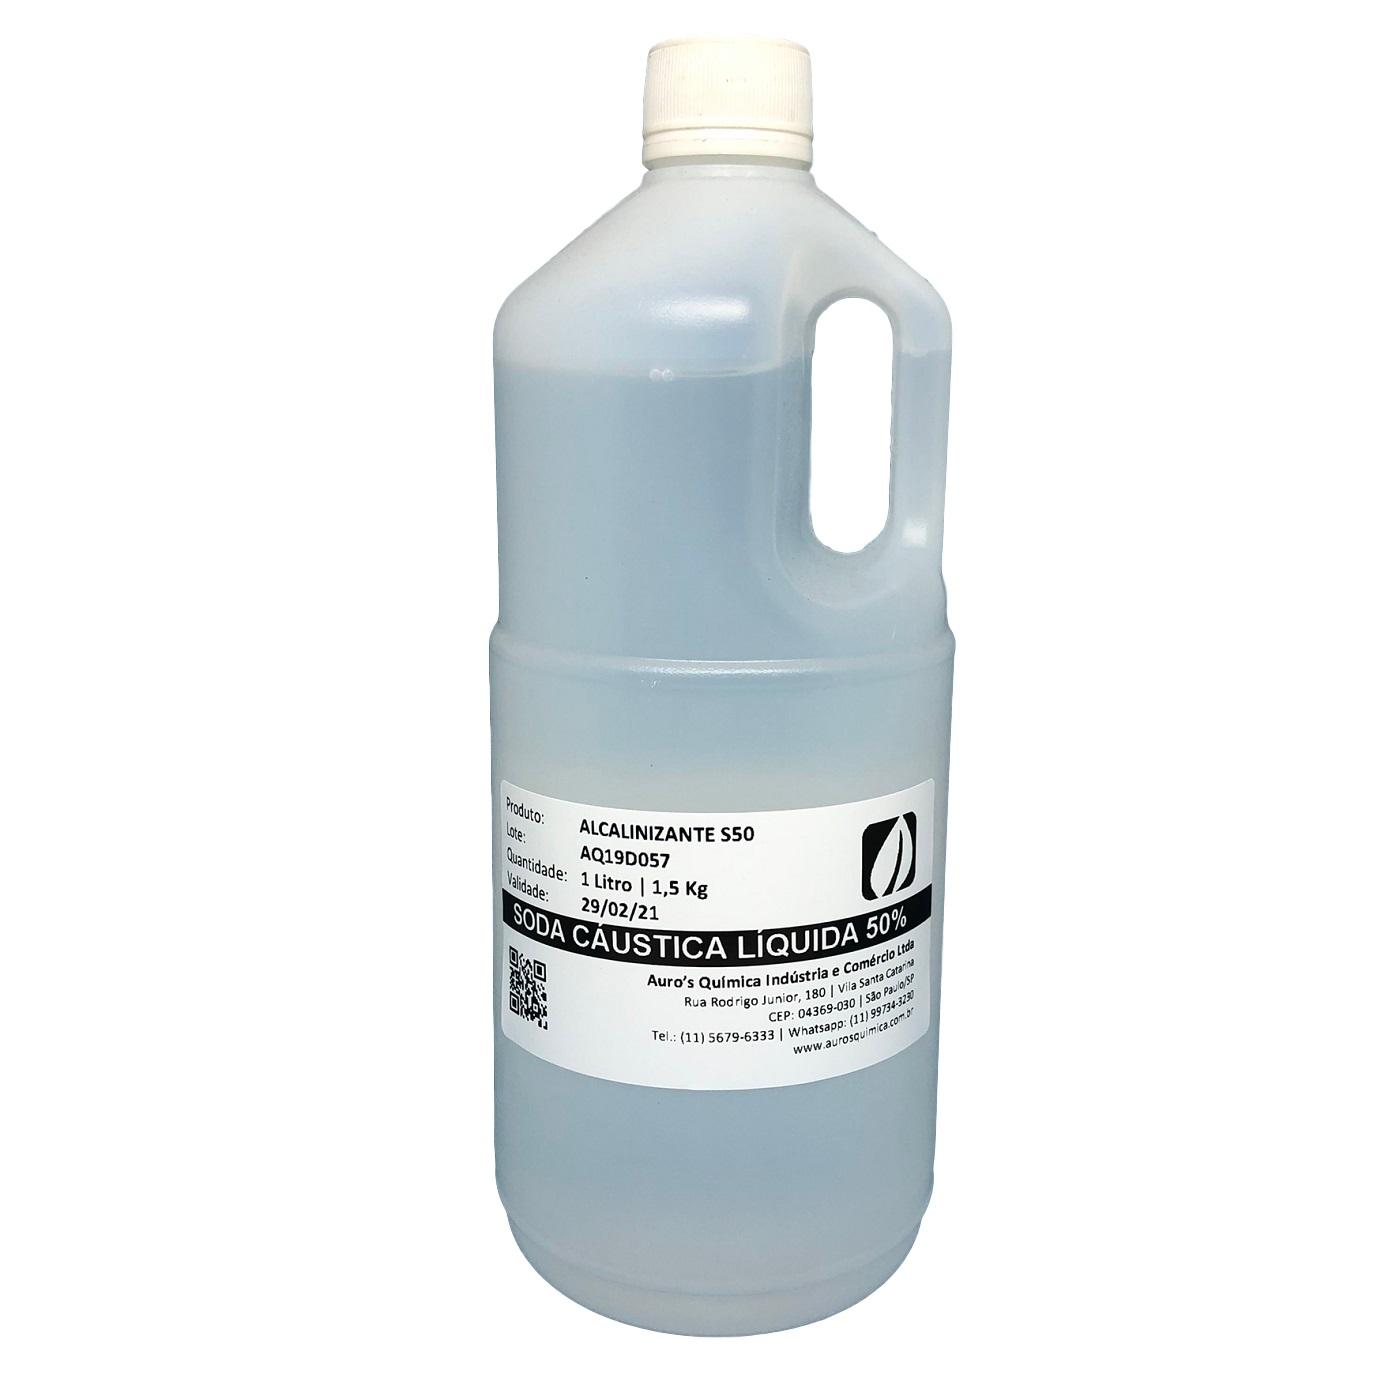 Soda Cáustica 50% - 1 Litro (200 unidades)